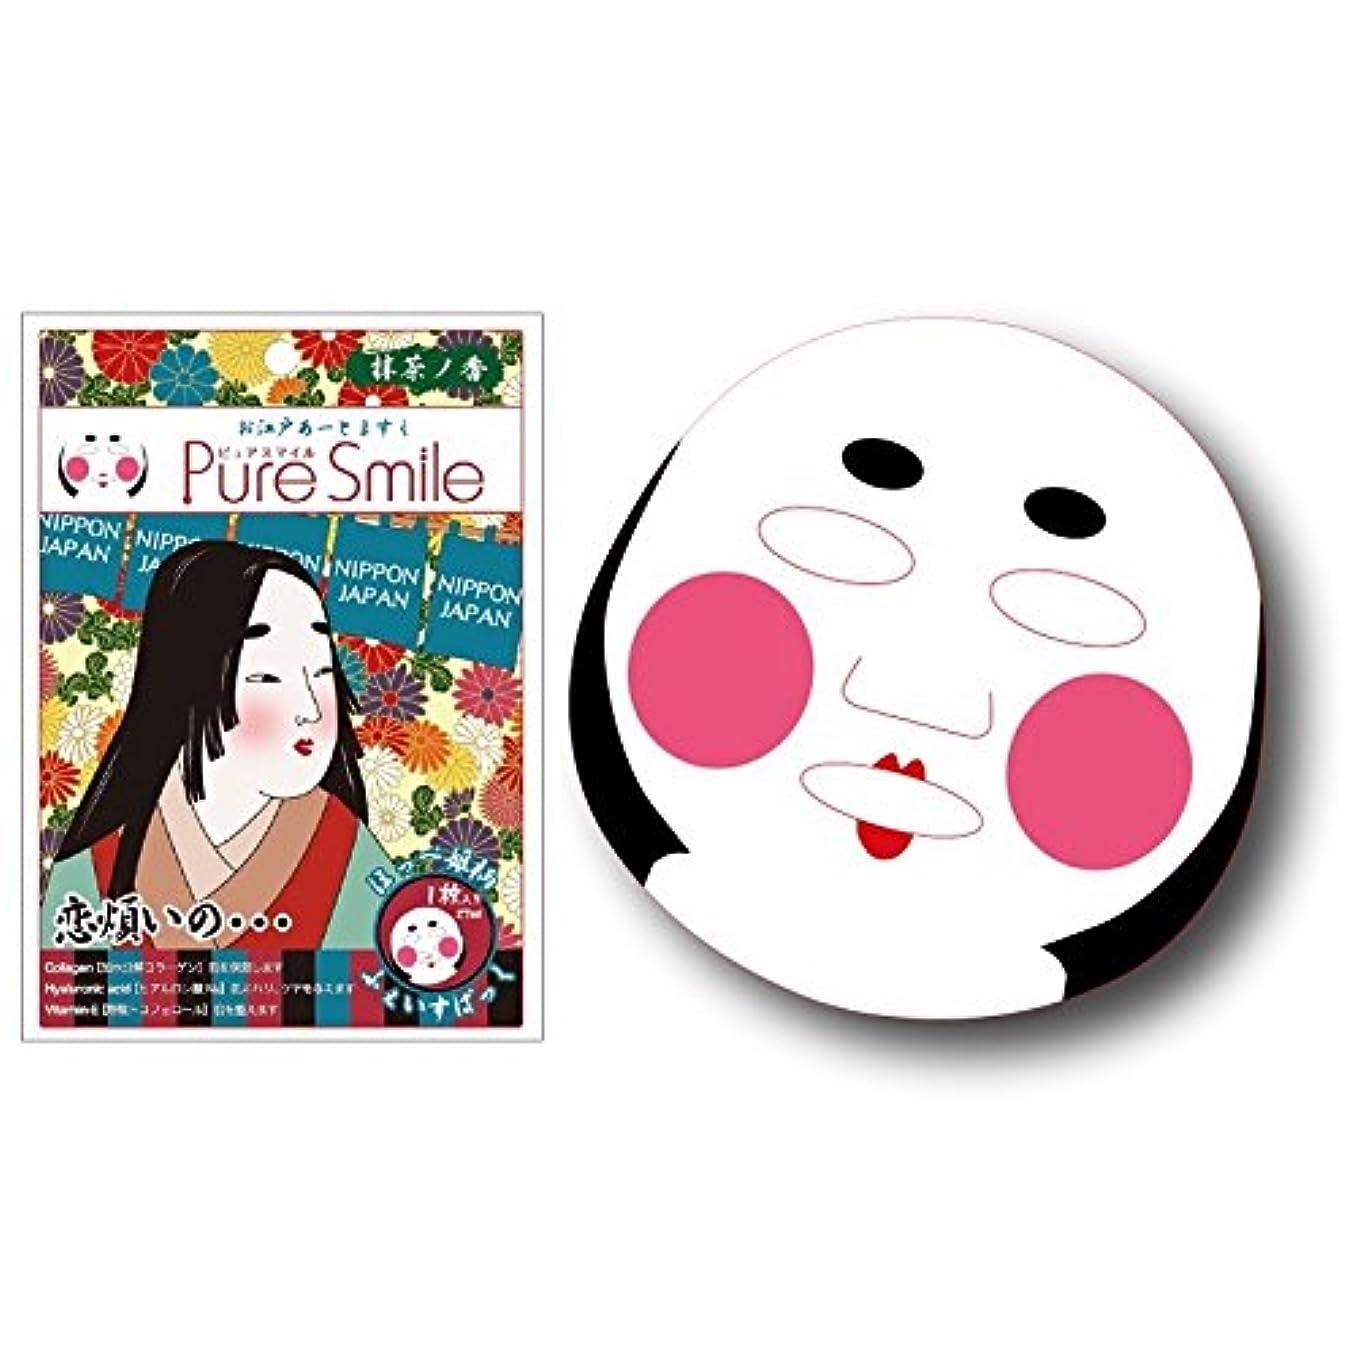 オーバーヘッドアドバンテージ直接Pure Smile お江戸アートマスク (ほっぺ姫)